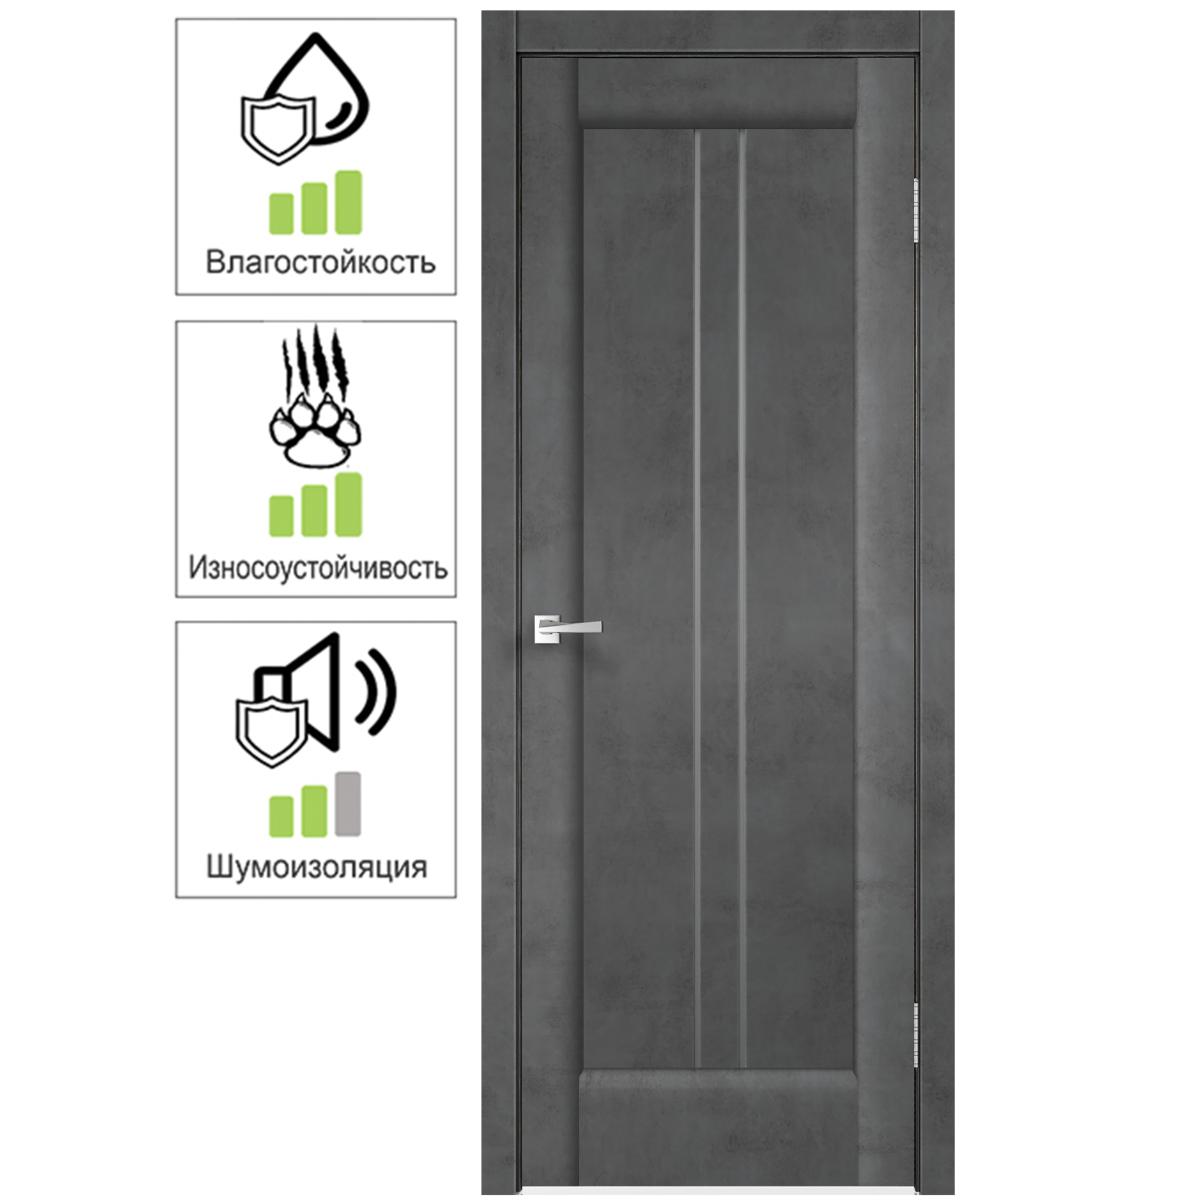 Дверь межкомнатная остеклённая «Сиэтл» 70x200 см ПВХ цвет лофт тёмный с фурнитурой